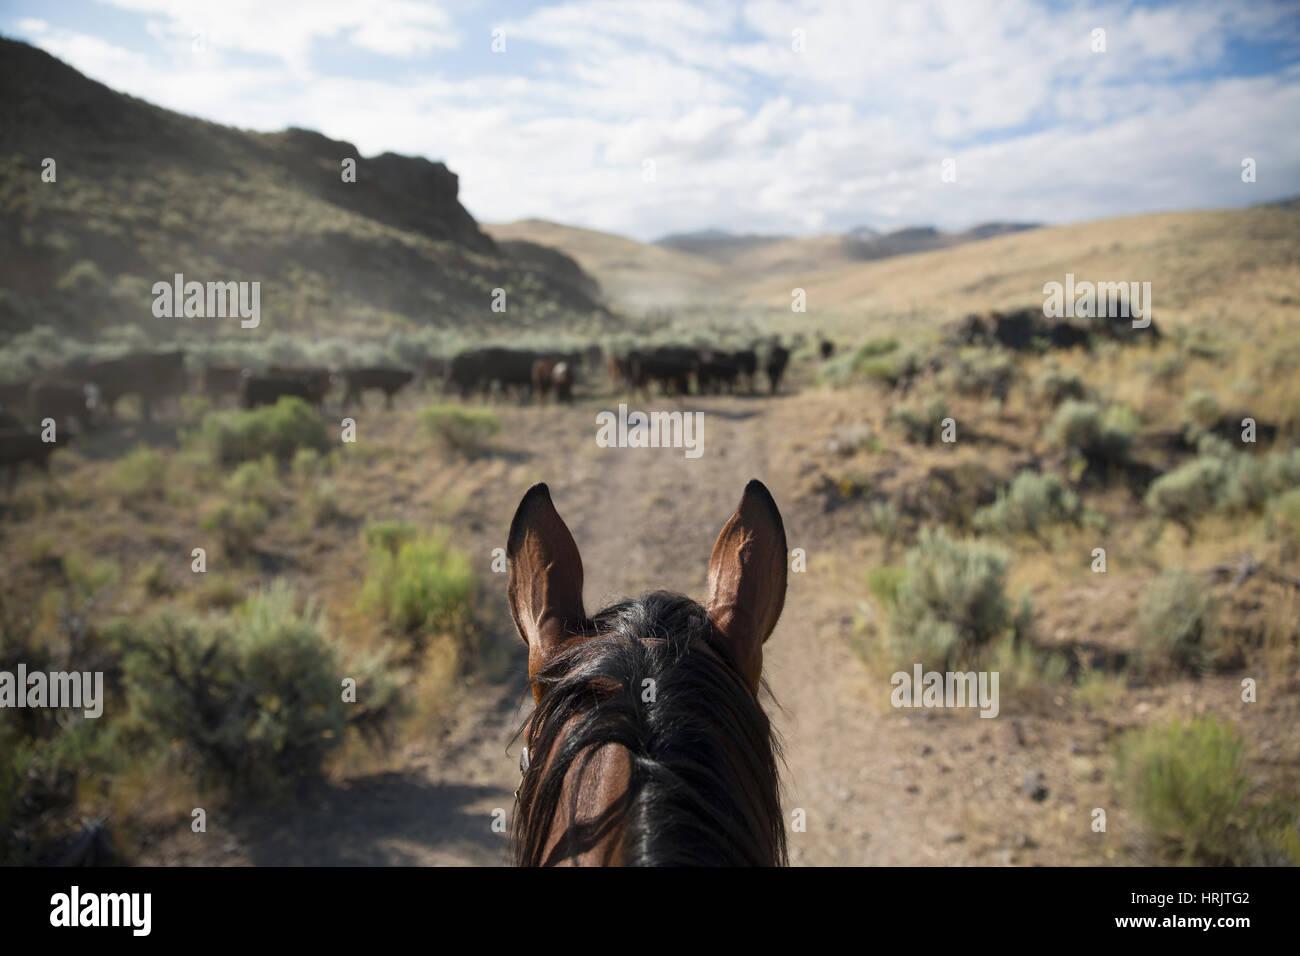 La perspectiva de un vaquero a caballo, arrear el ganado en un polvoriento paisaje rural. Imagen De Stock